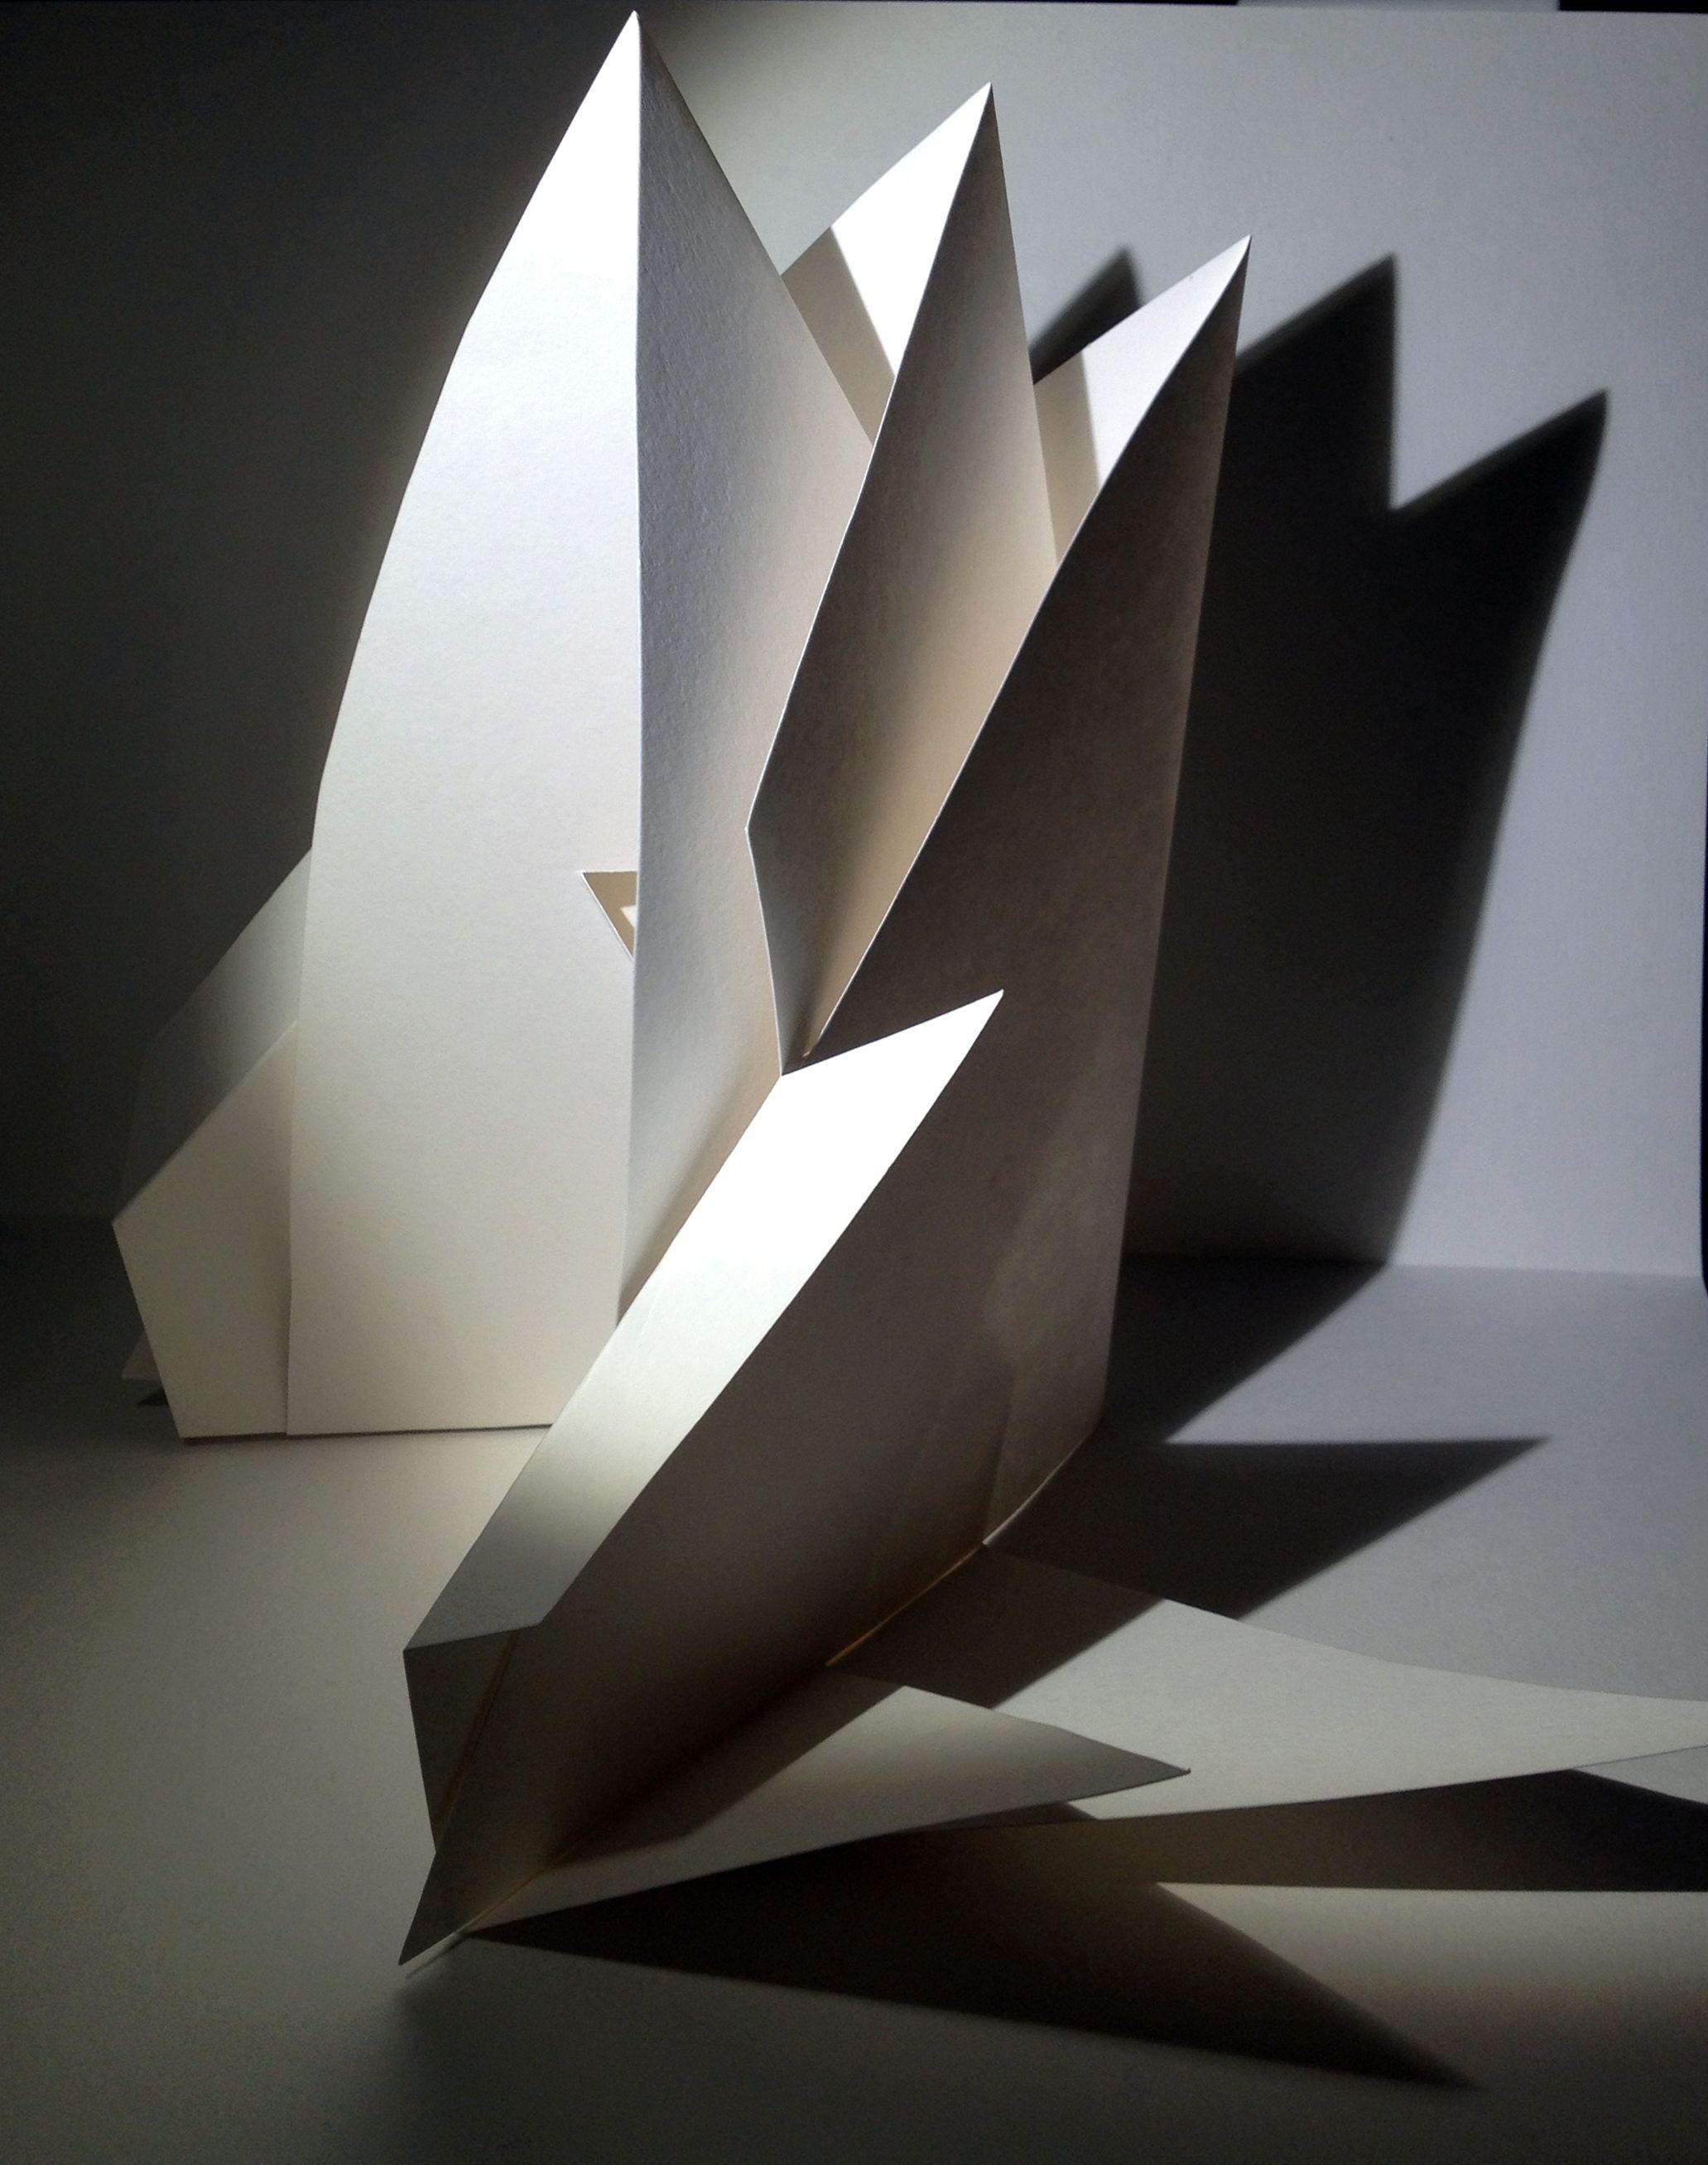 Origami Architecture Design Paper Structure Paper Art 3 D Paper Structure Paper Folding